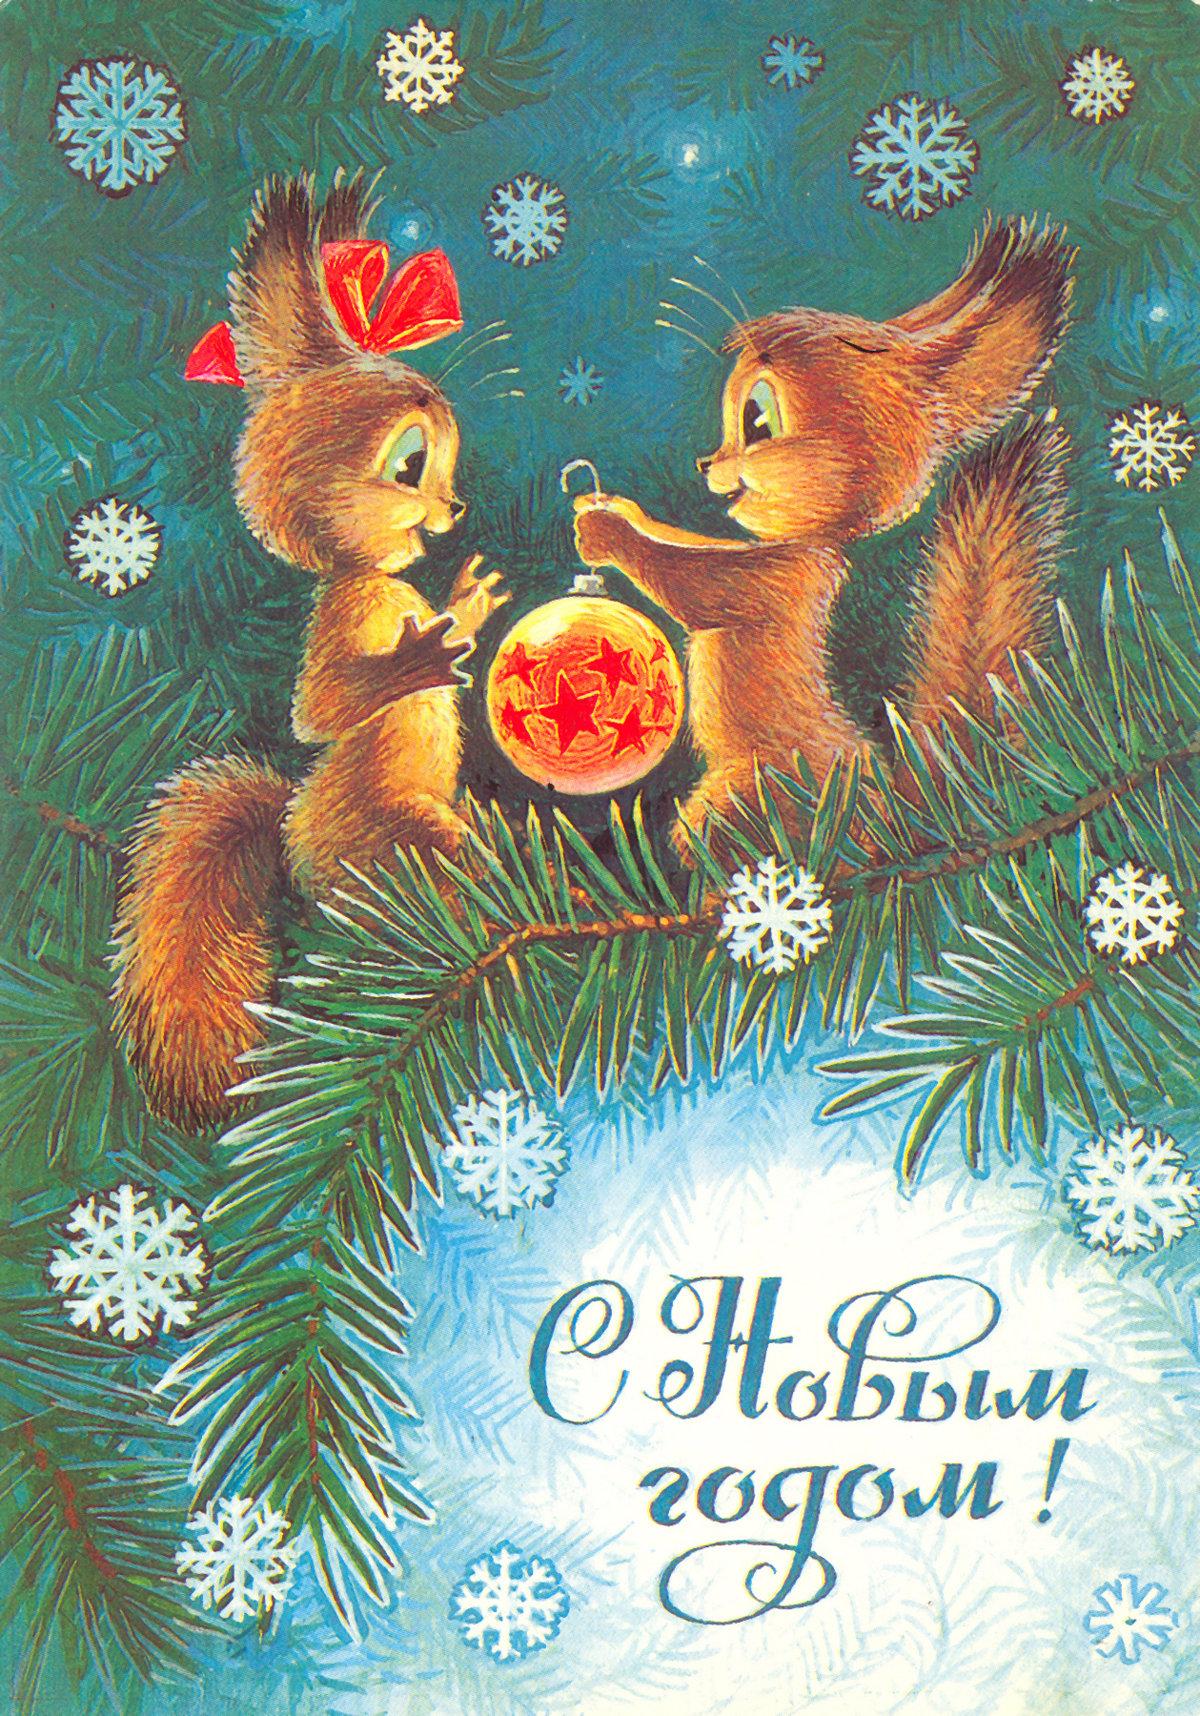 предварительно выбранные, открытки зарубина в хорошем качестве цвет имеет много